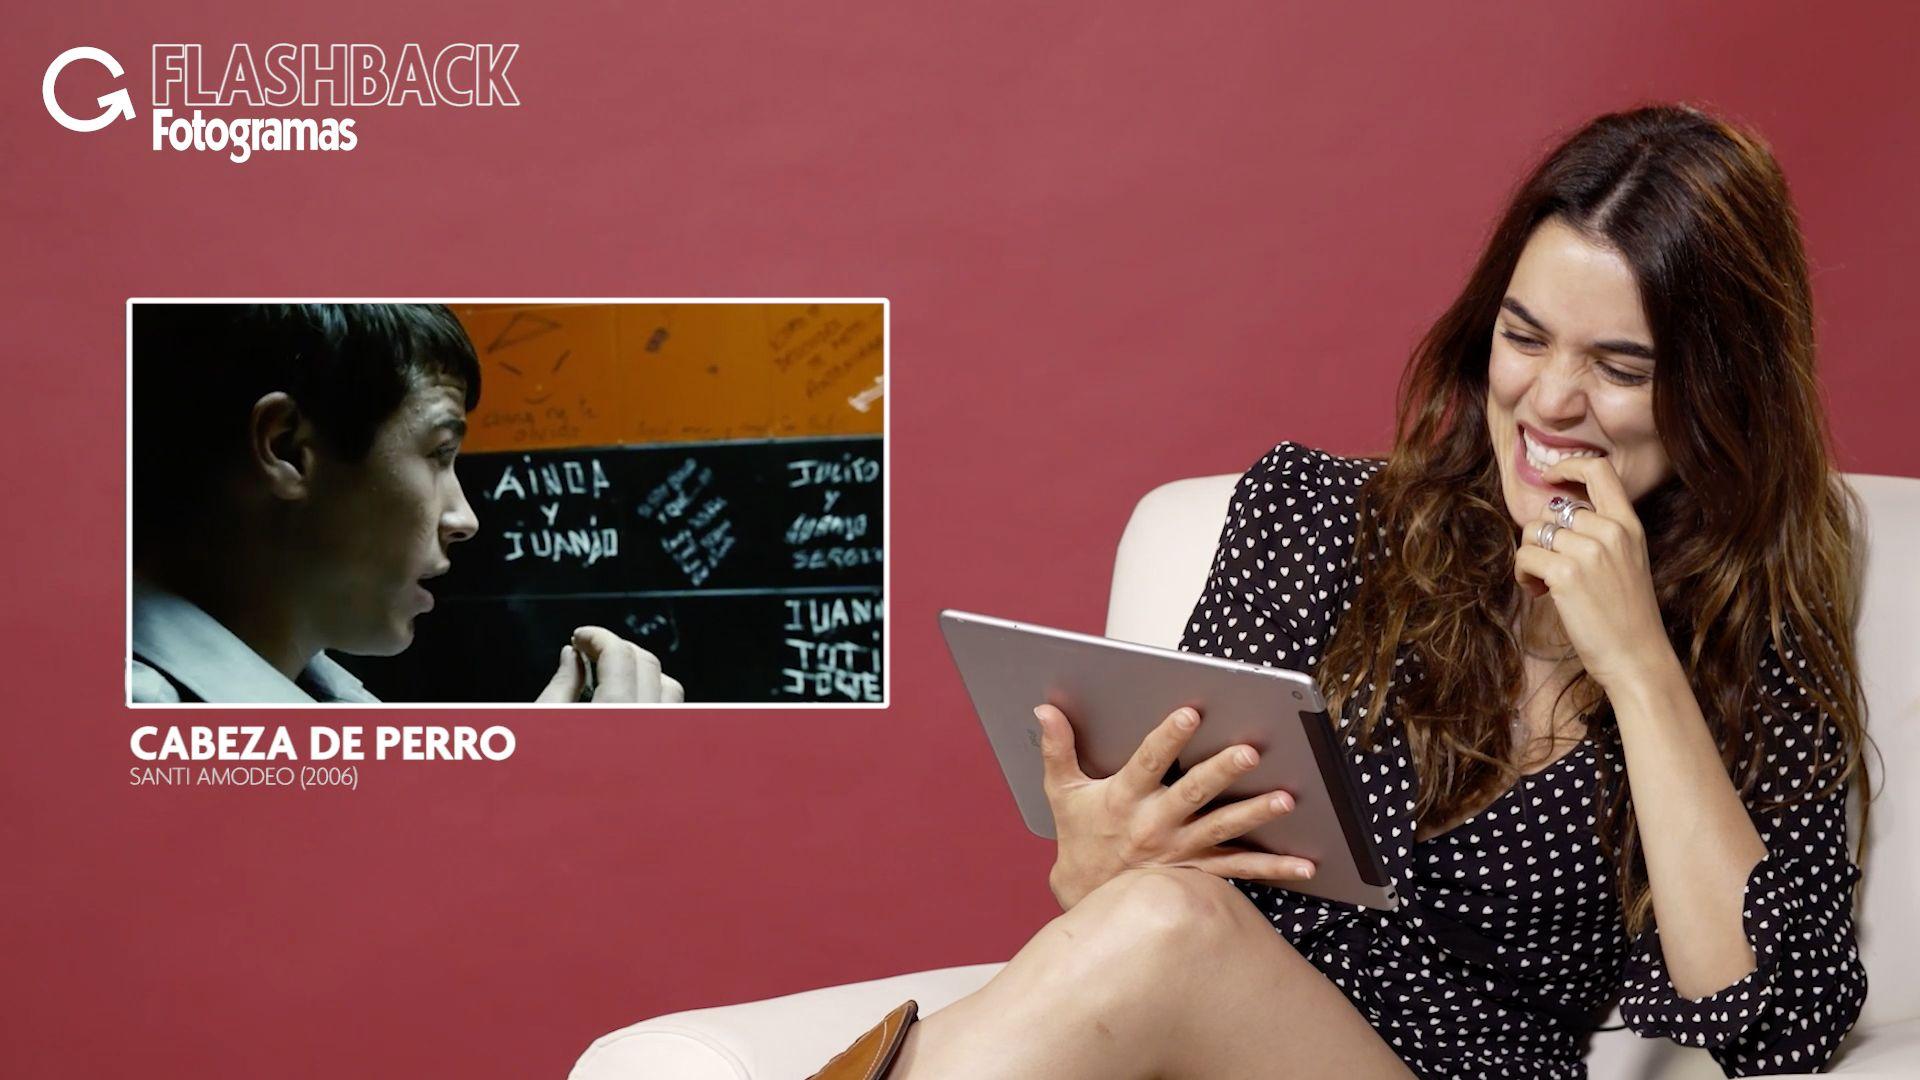 Adriana Ugarte Castillos De Carton flashback fotogramas: adriana ugarte recuerda sus inicios